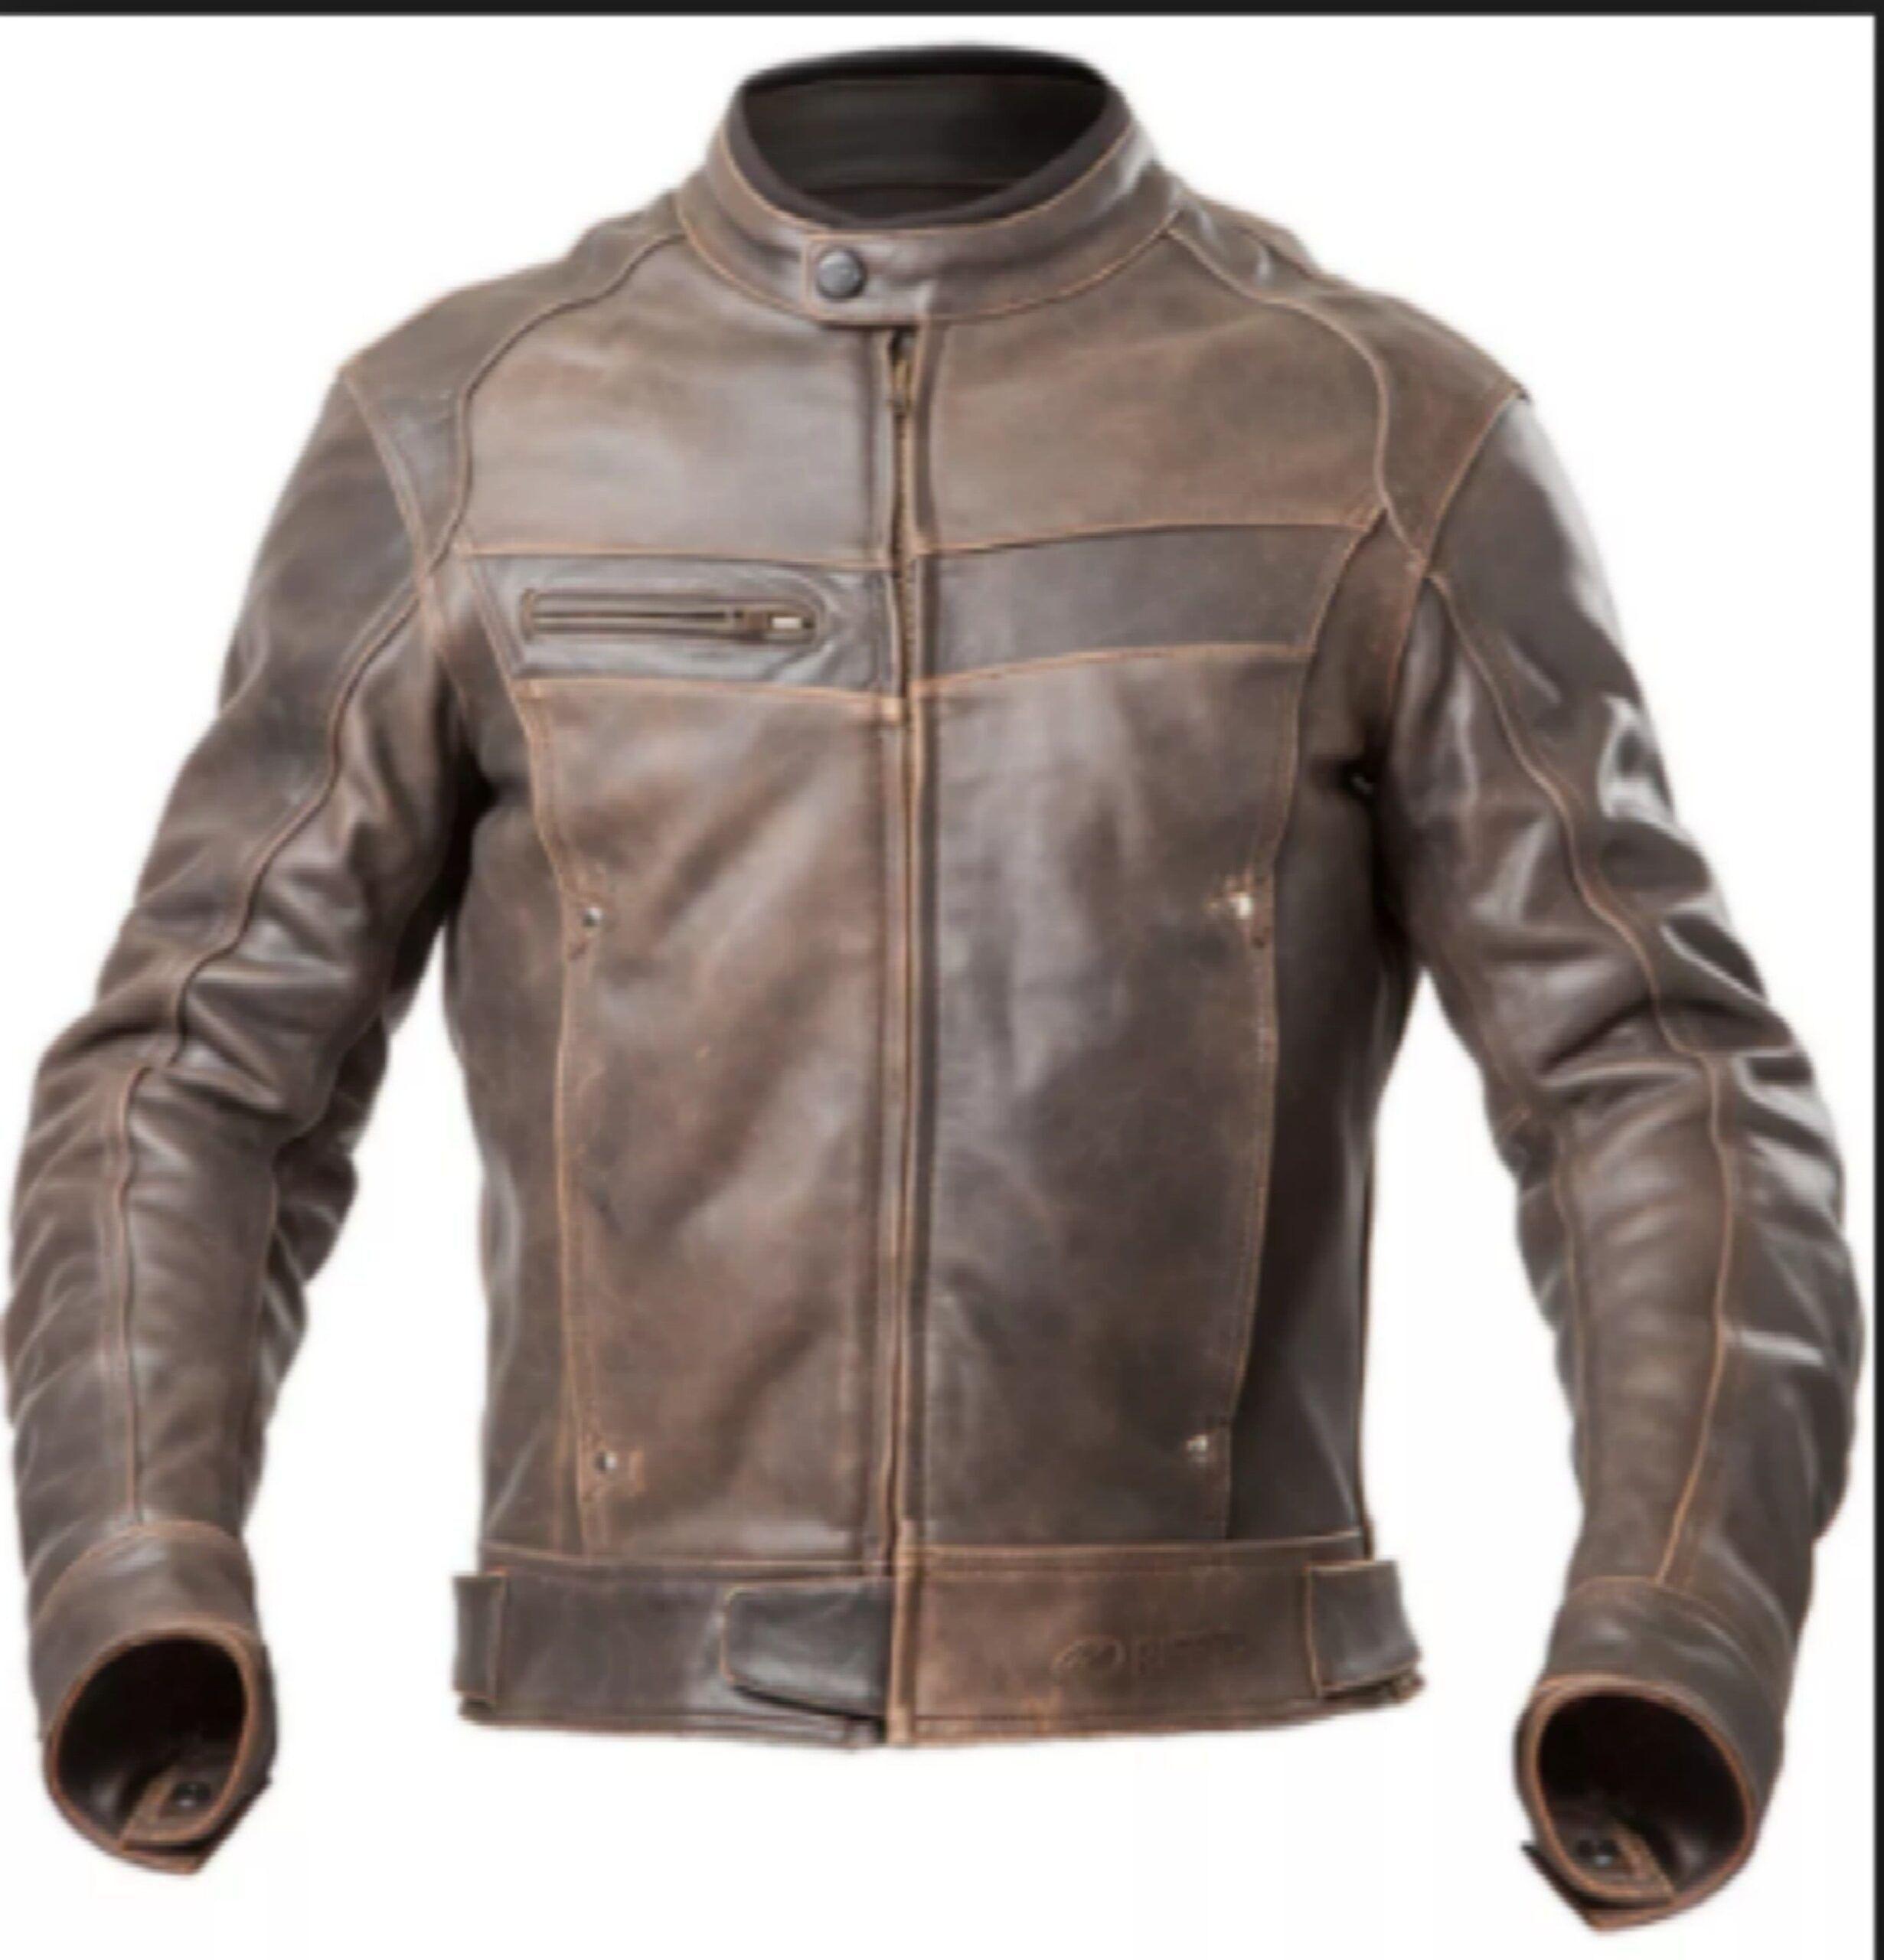 3jaqueta-de-couro-antes-de-aumentar-ellegancy-costuras-www-elcosturas-com_-br-jaquetadecouro-motociclista-velocidade-moto-ellegancycosturas-1568340